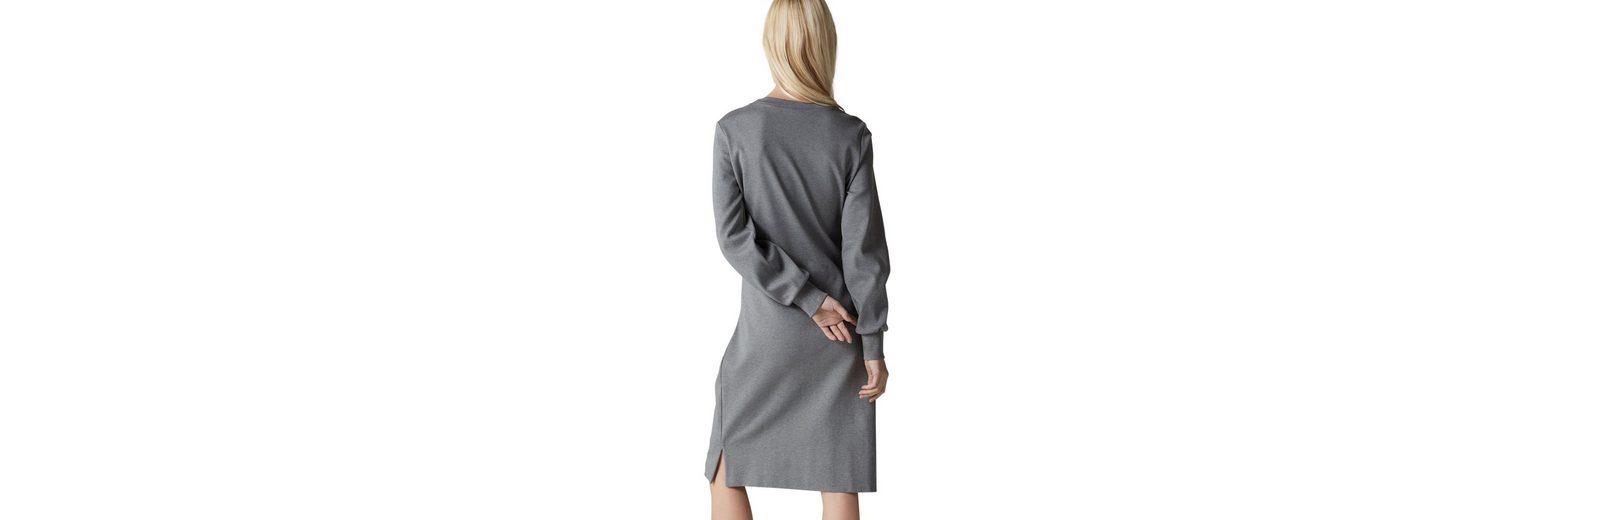 Marc O'Polo Jerseykleid Rabatt 2018 Verkauf Zuverlässig Günstig Kaufen Breite Palette Von Billig Verkaufen Viele Arten Von Starttermin Für Verkauf GMpO3c2r